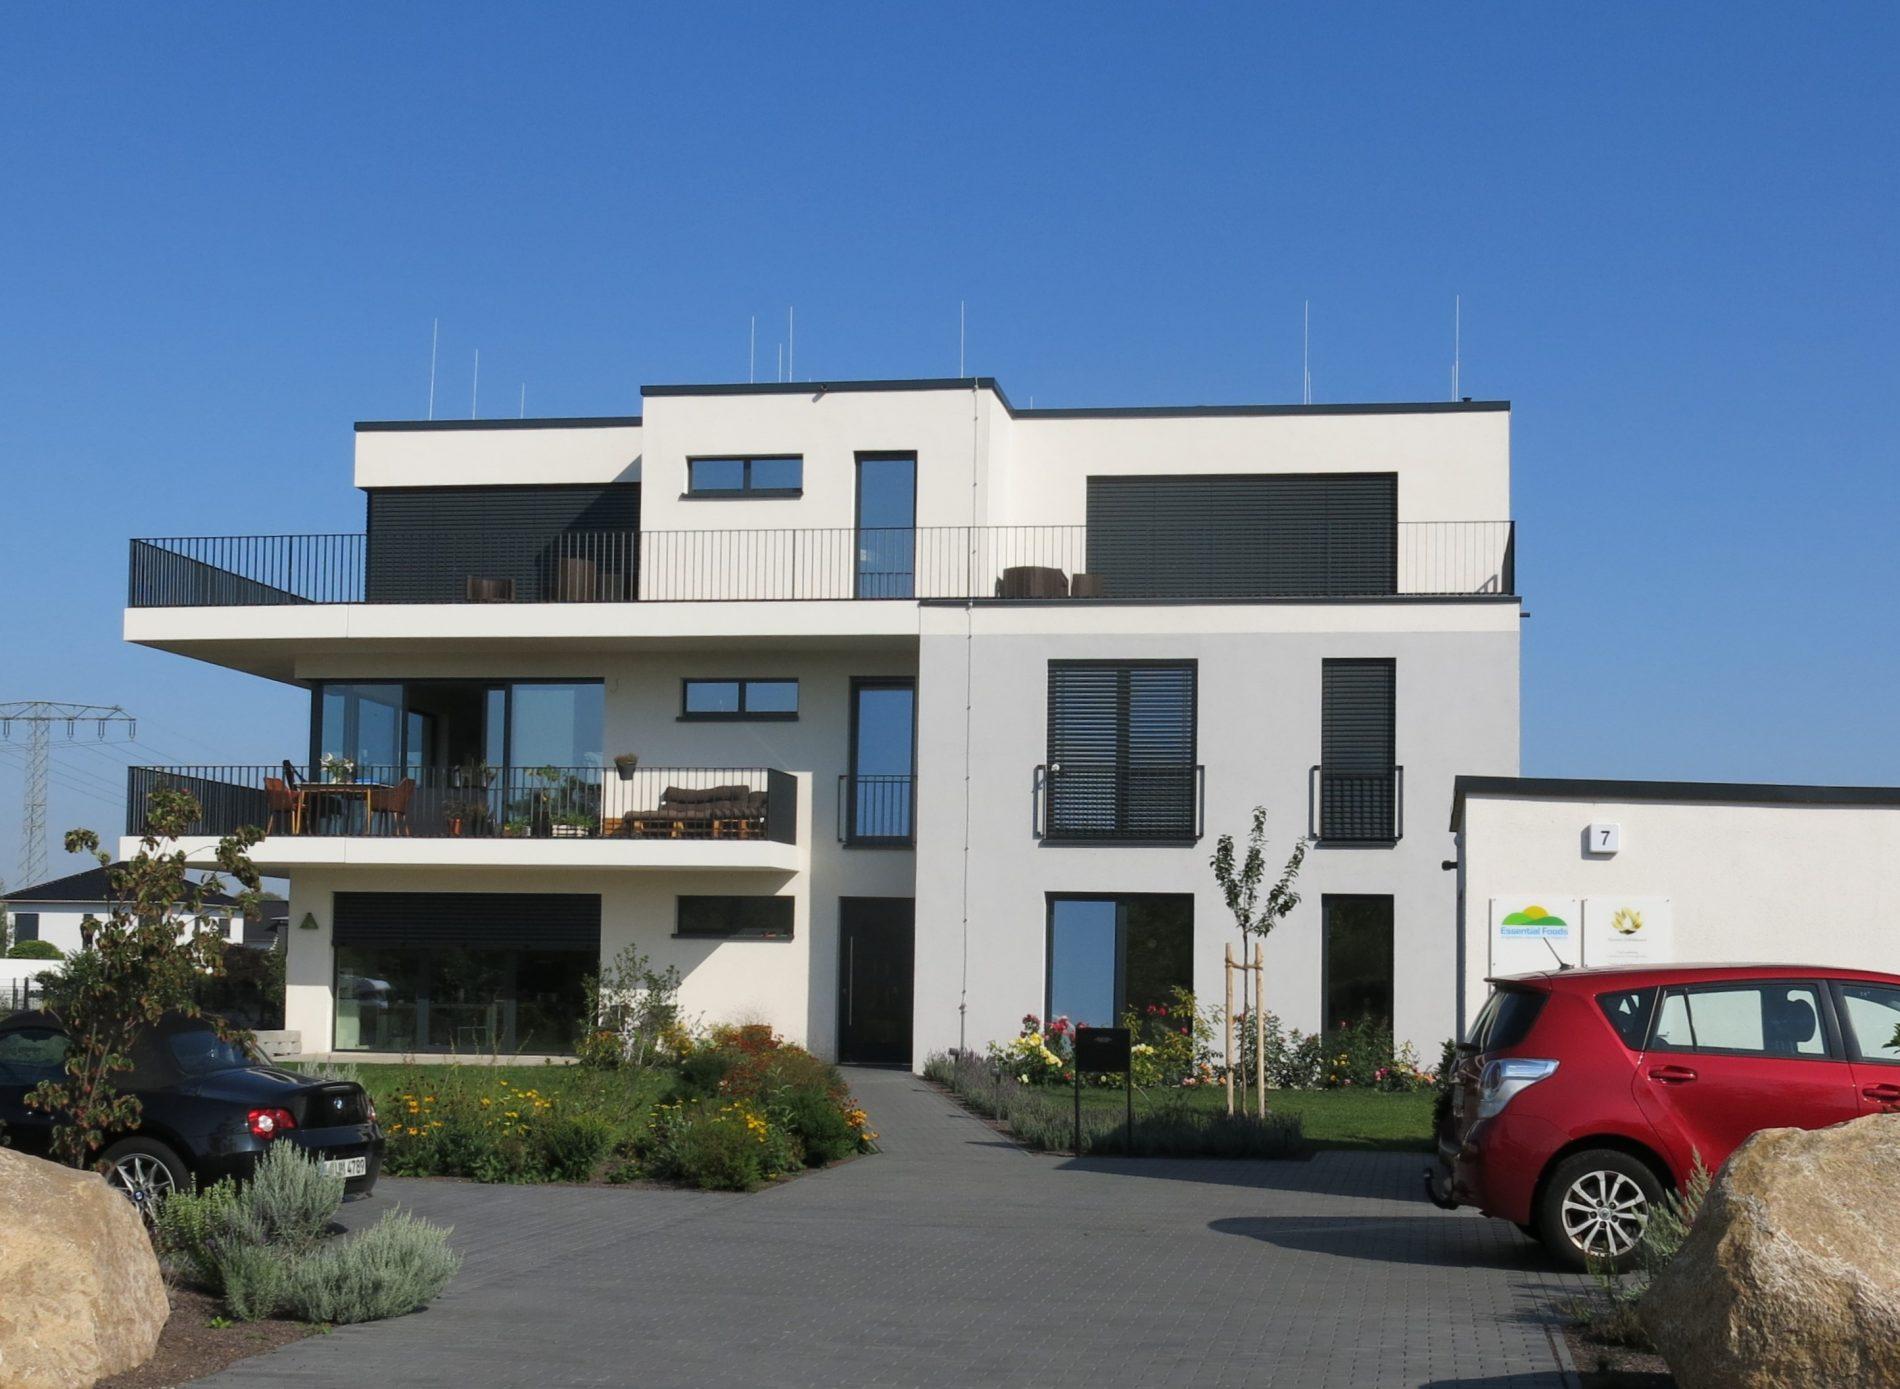 Wohn- und Geschäftshaus Human Unfoldment